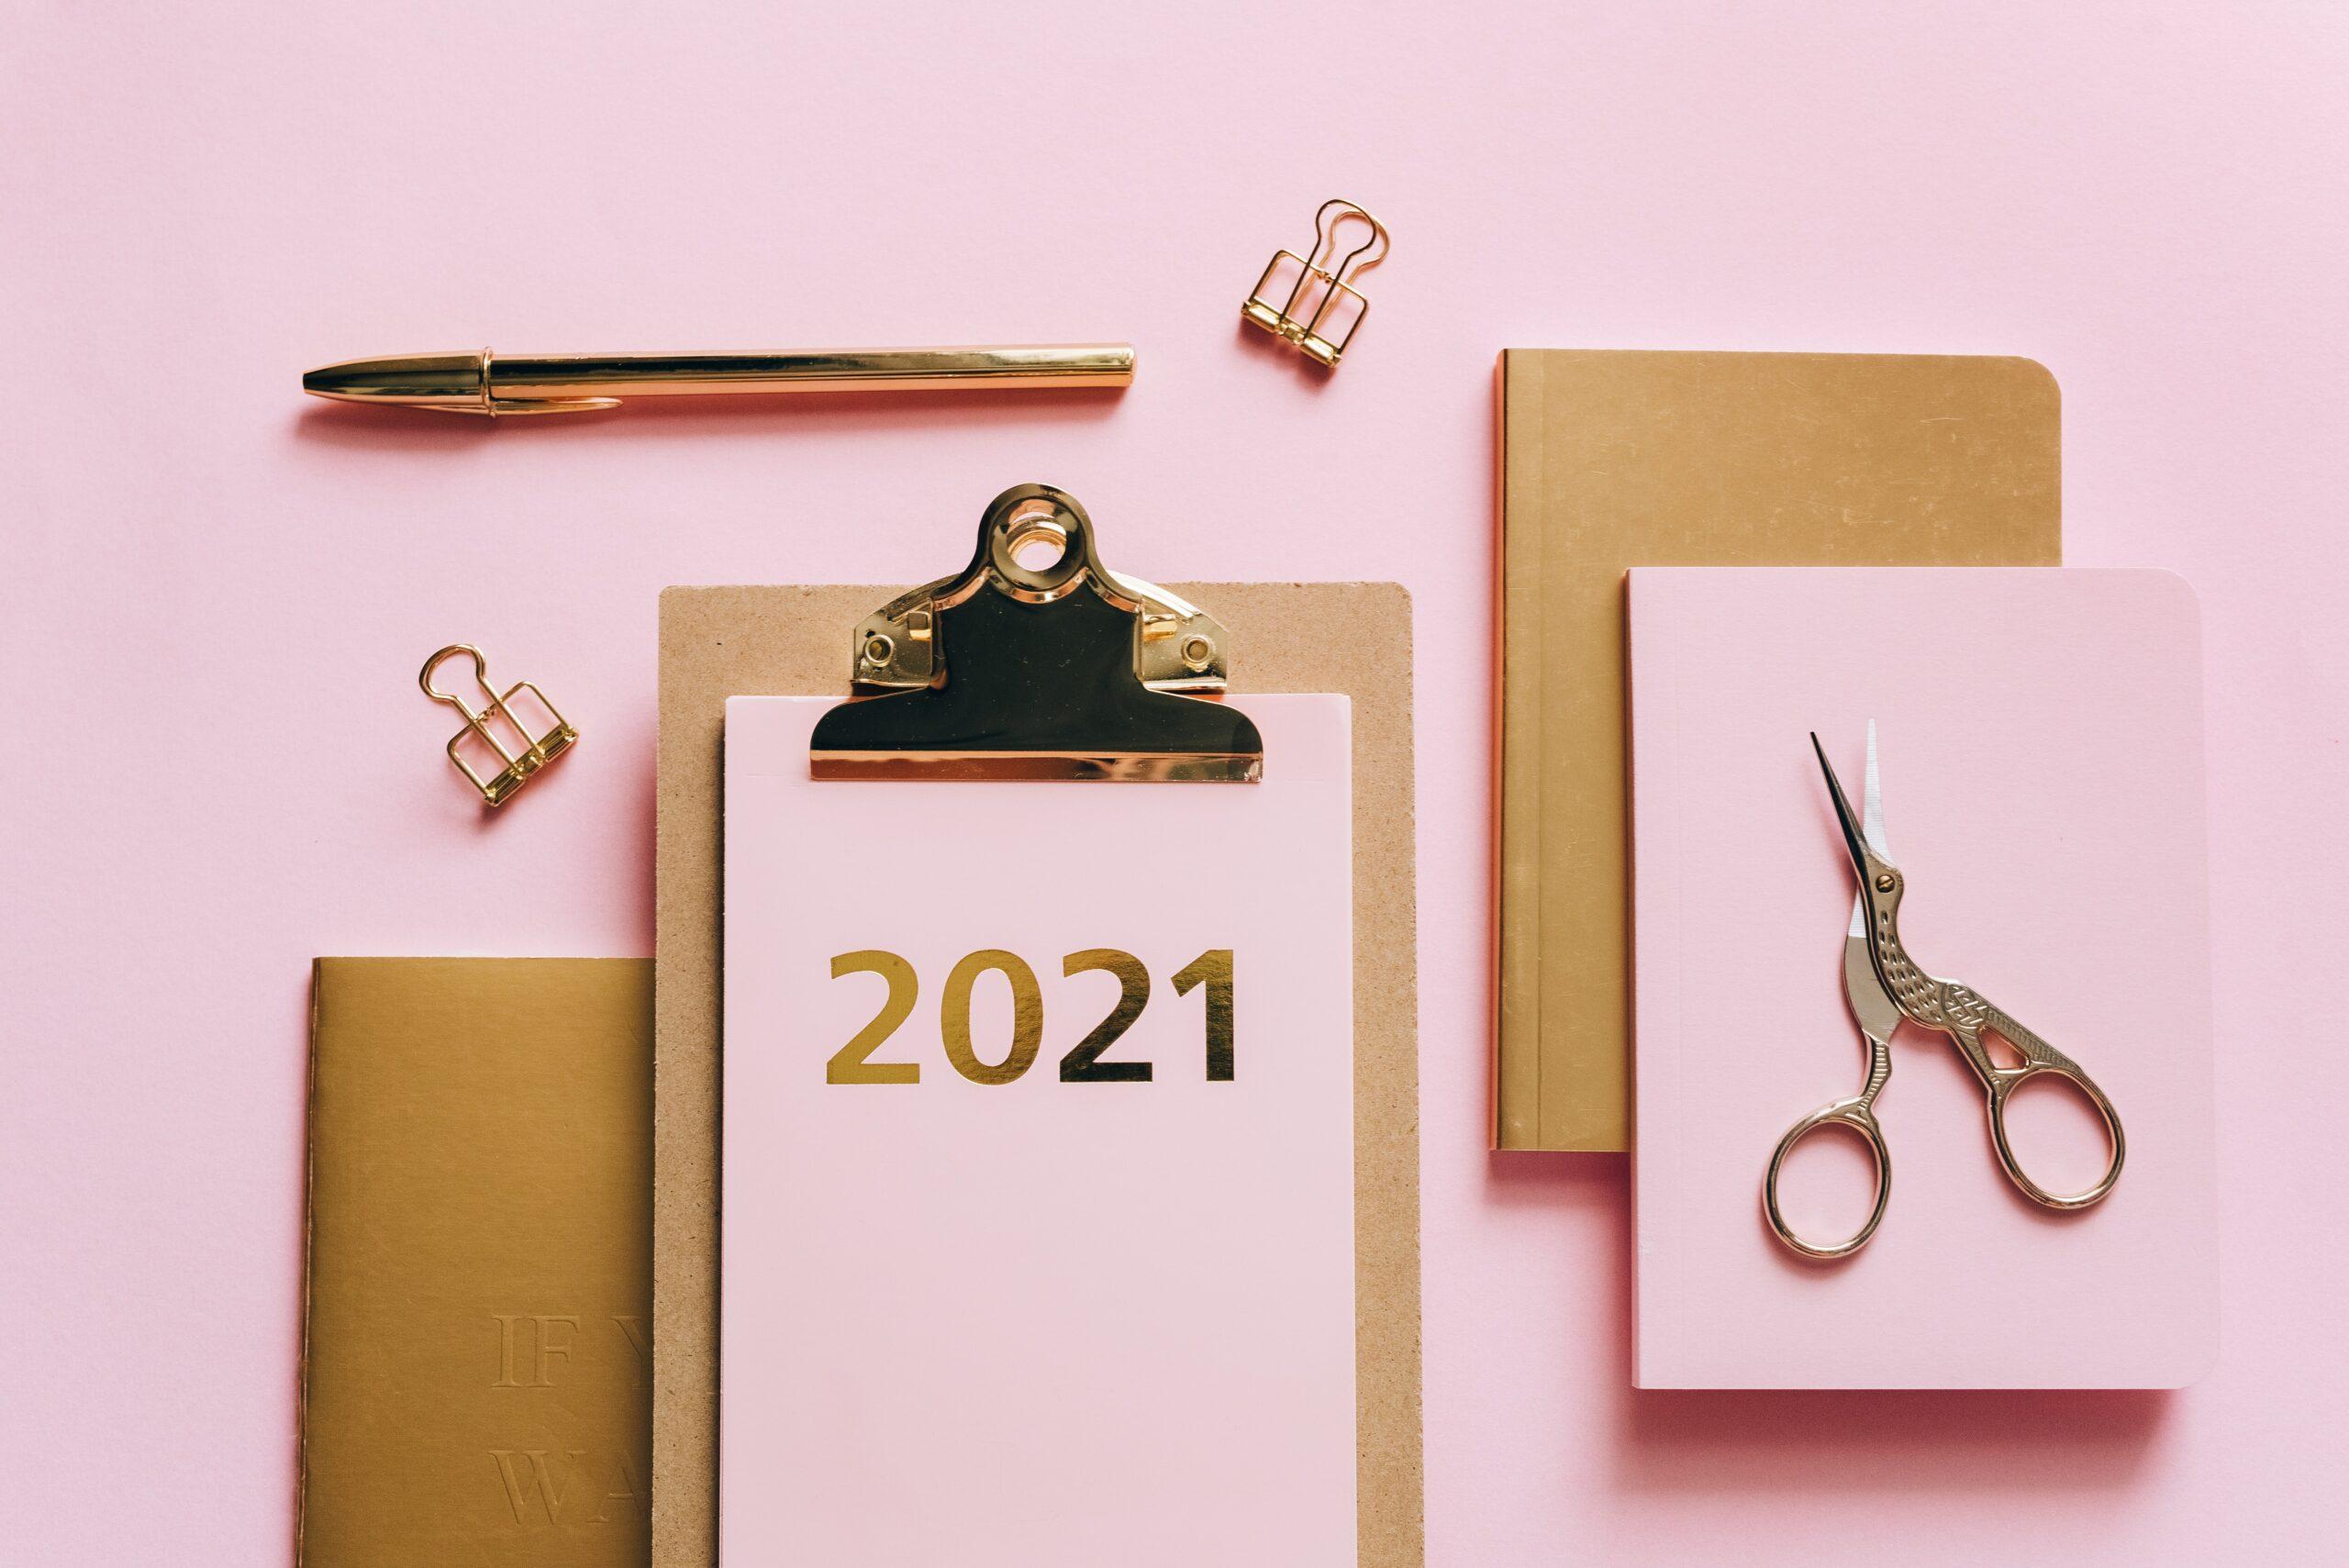 Kancelářské potřeby a desky s letopočtem 2021.